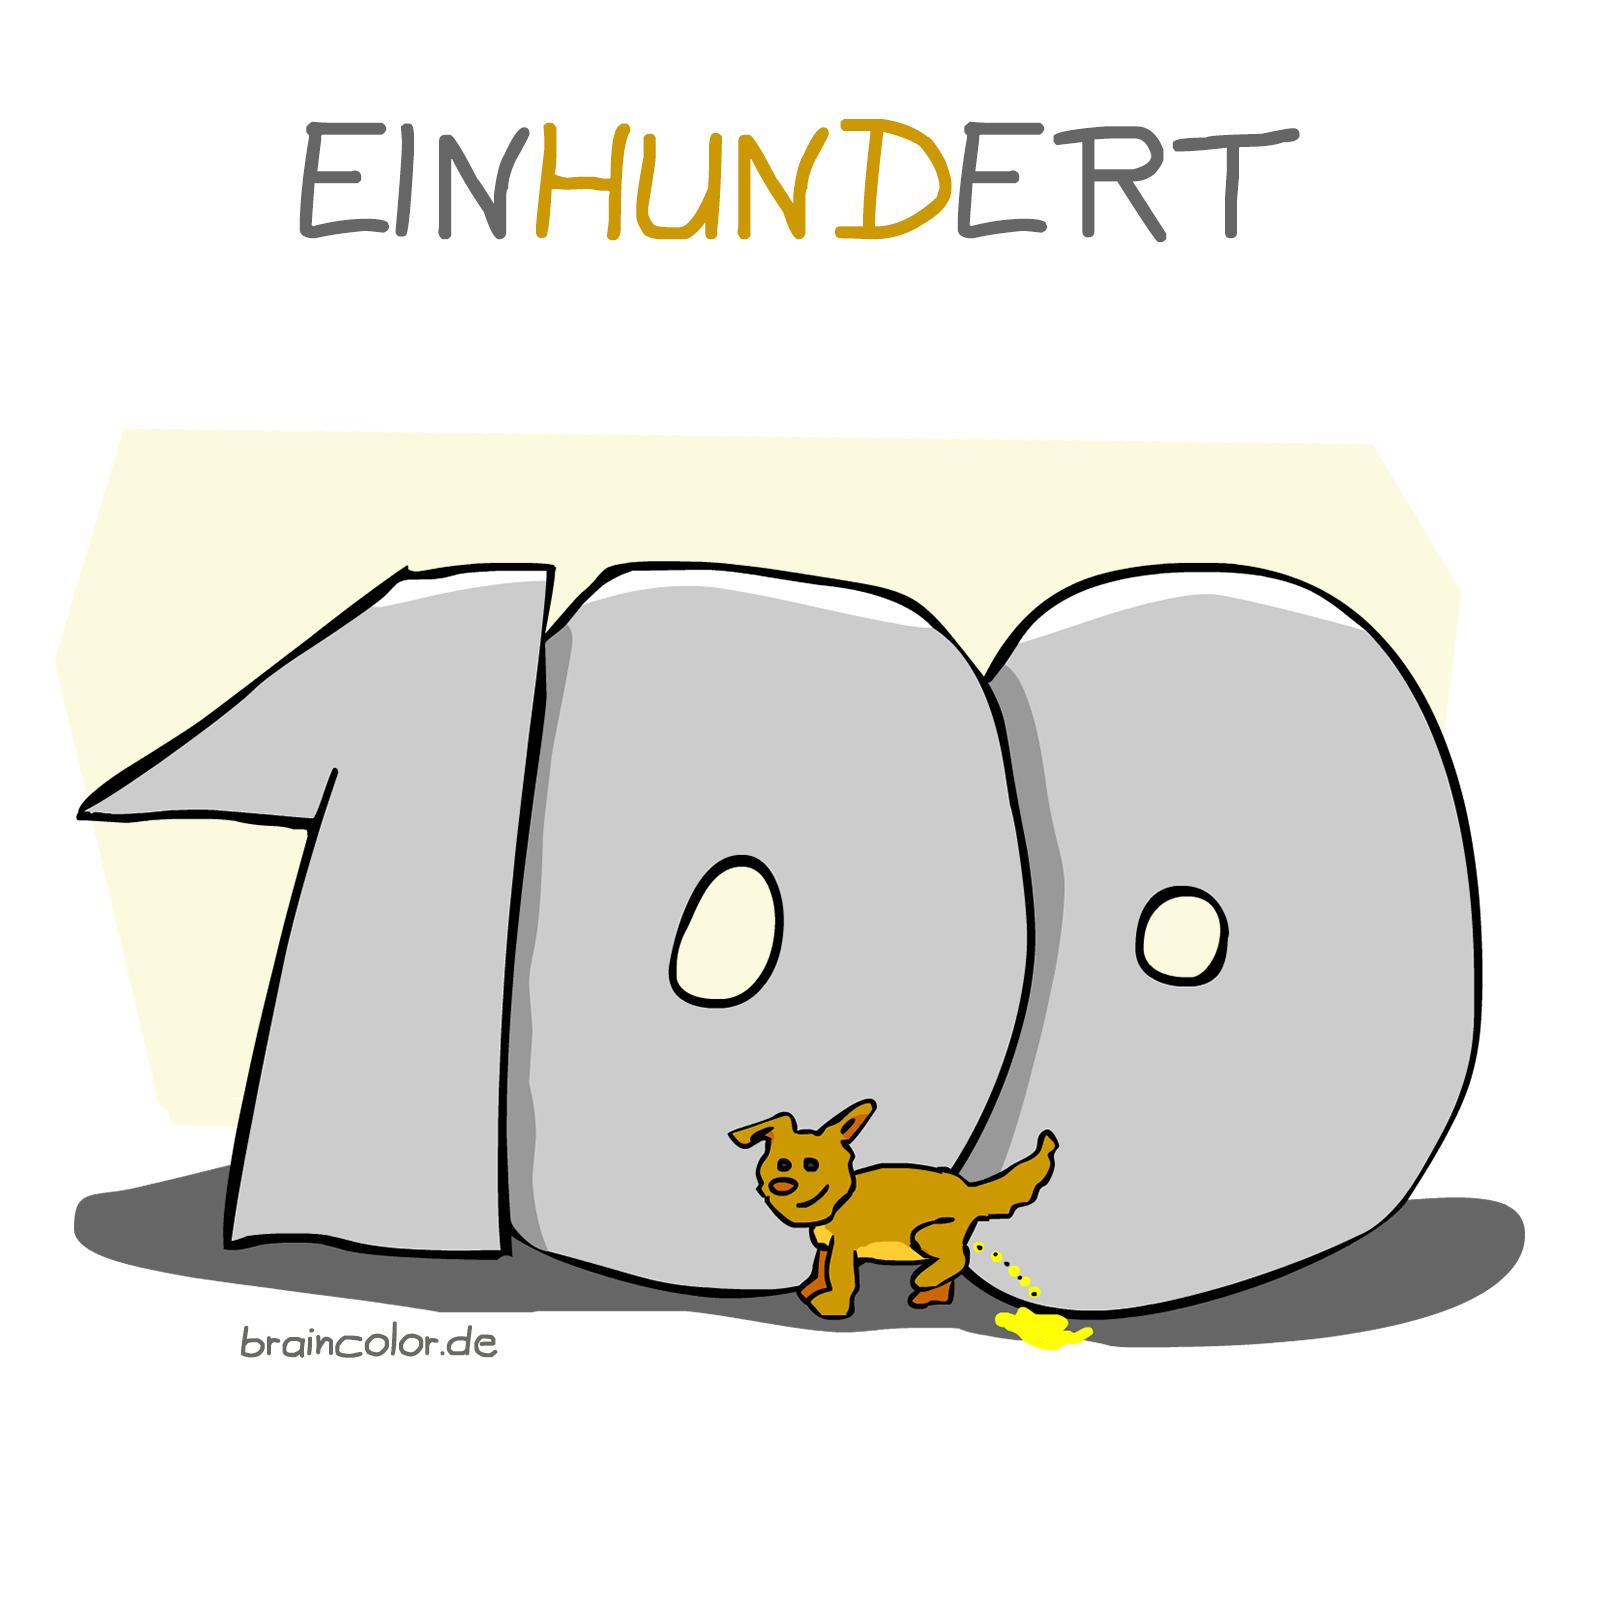 Einhundert